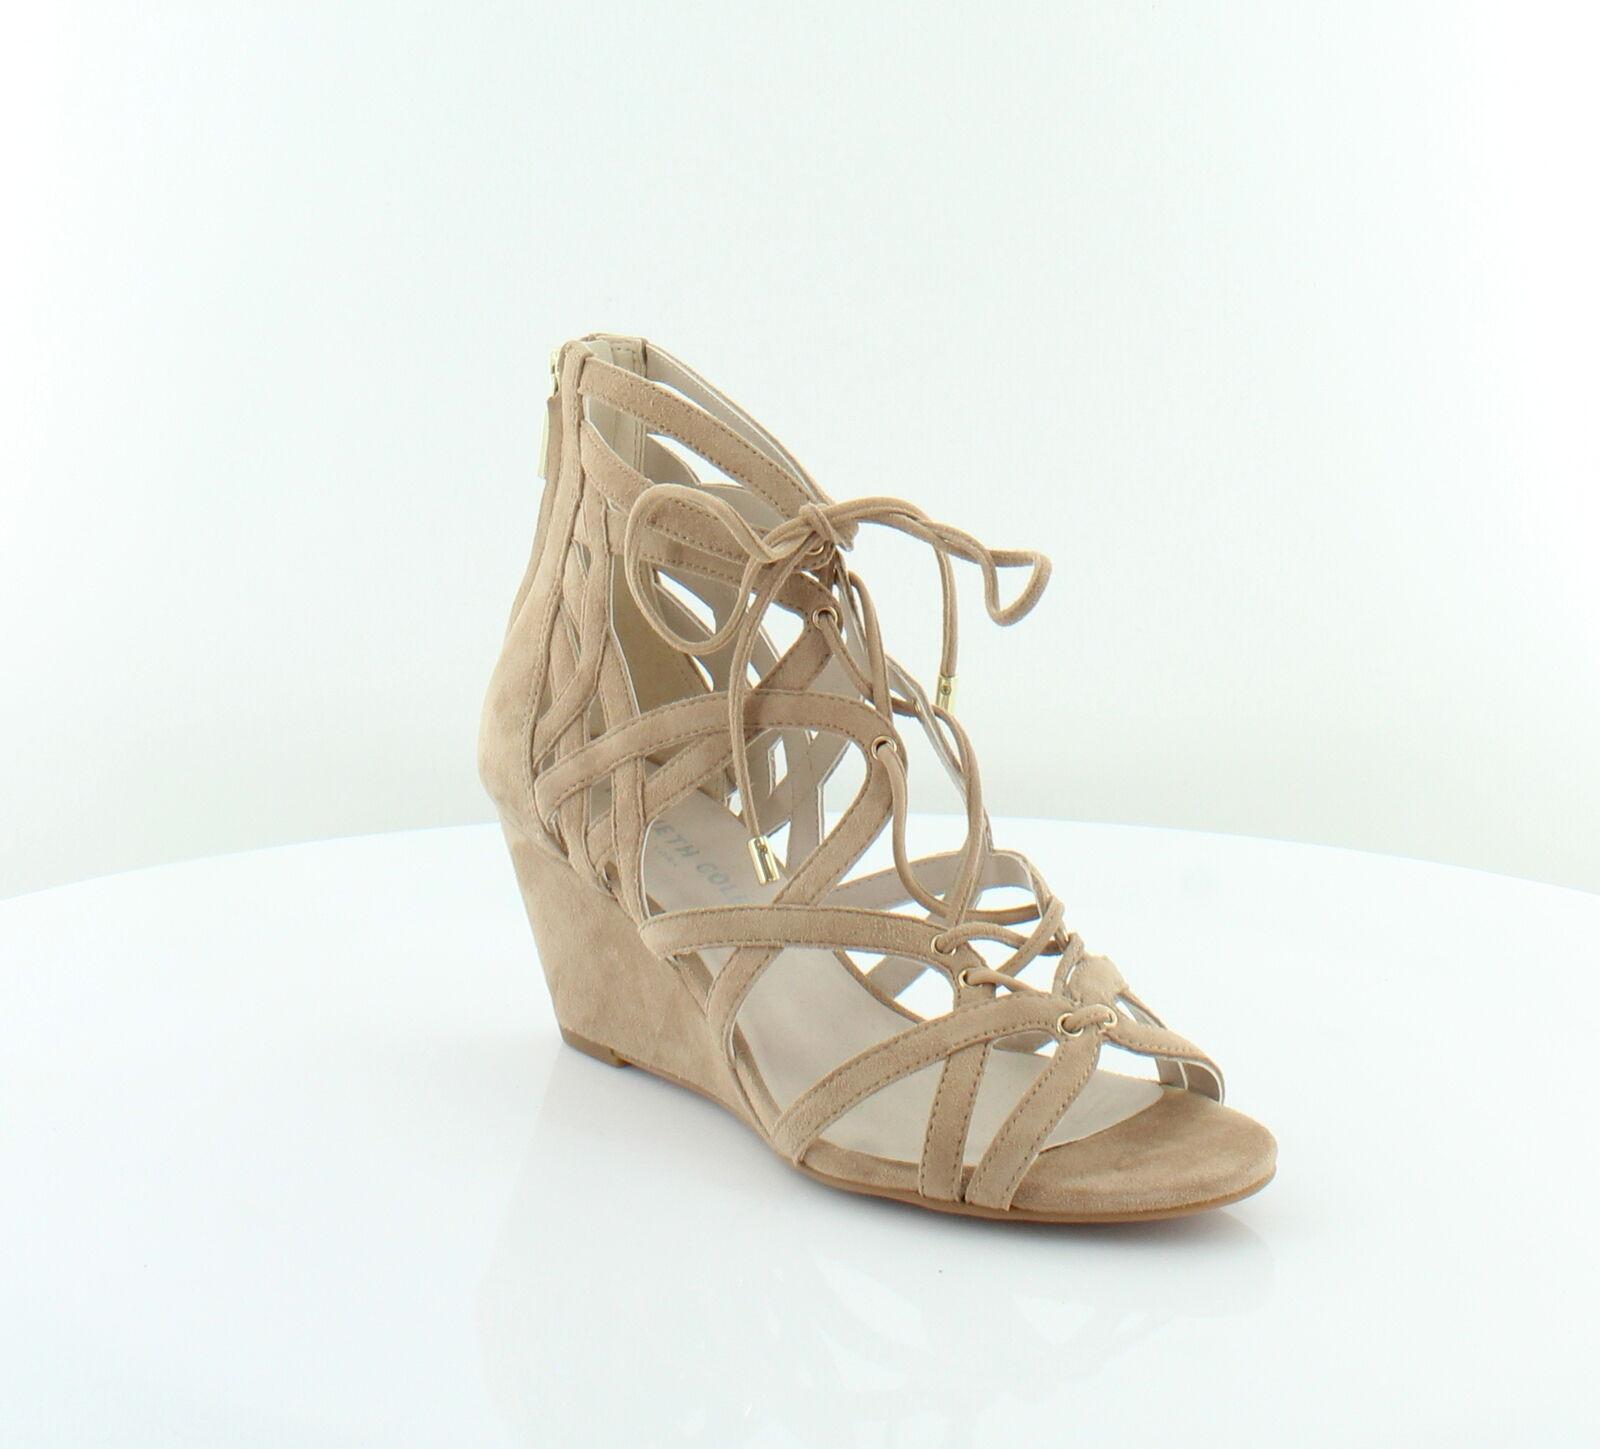 Kenneth Cole Dylan Beige damen schuhe Größe 6.5 6.5 6.5 M Sandals MSRP  130 5b7bb3